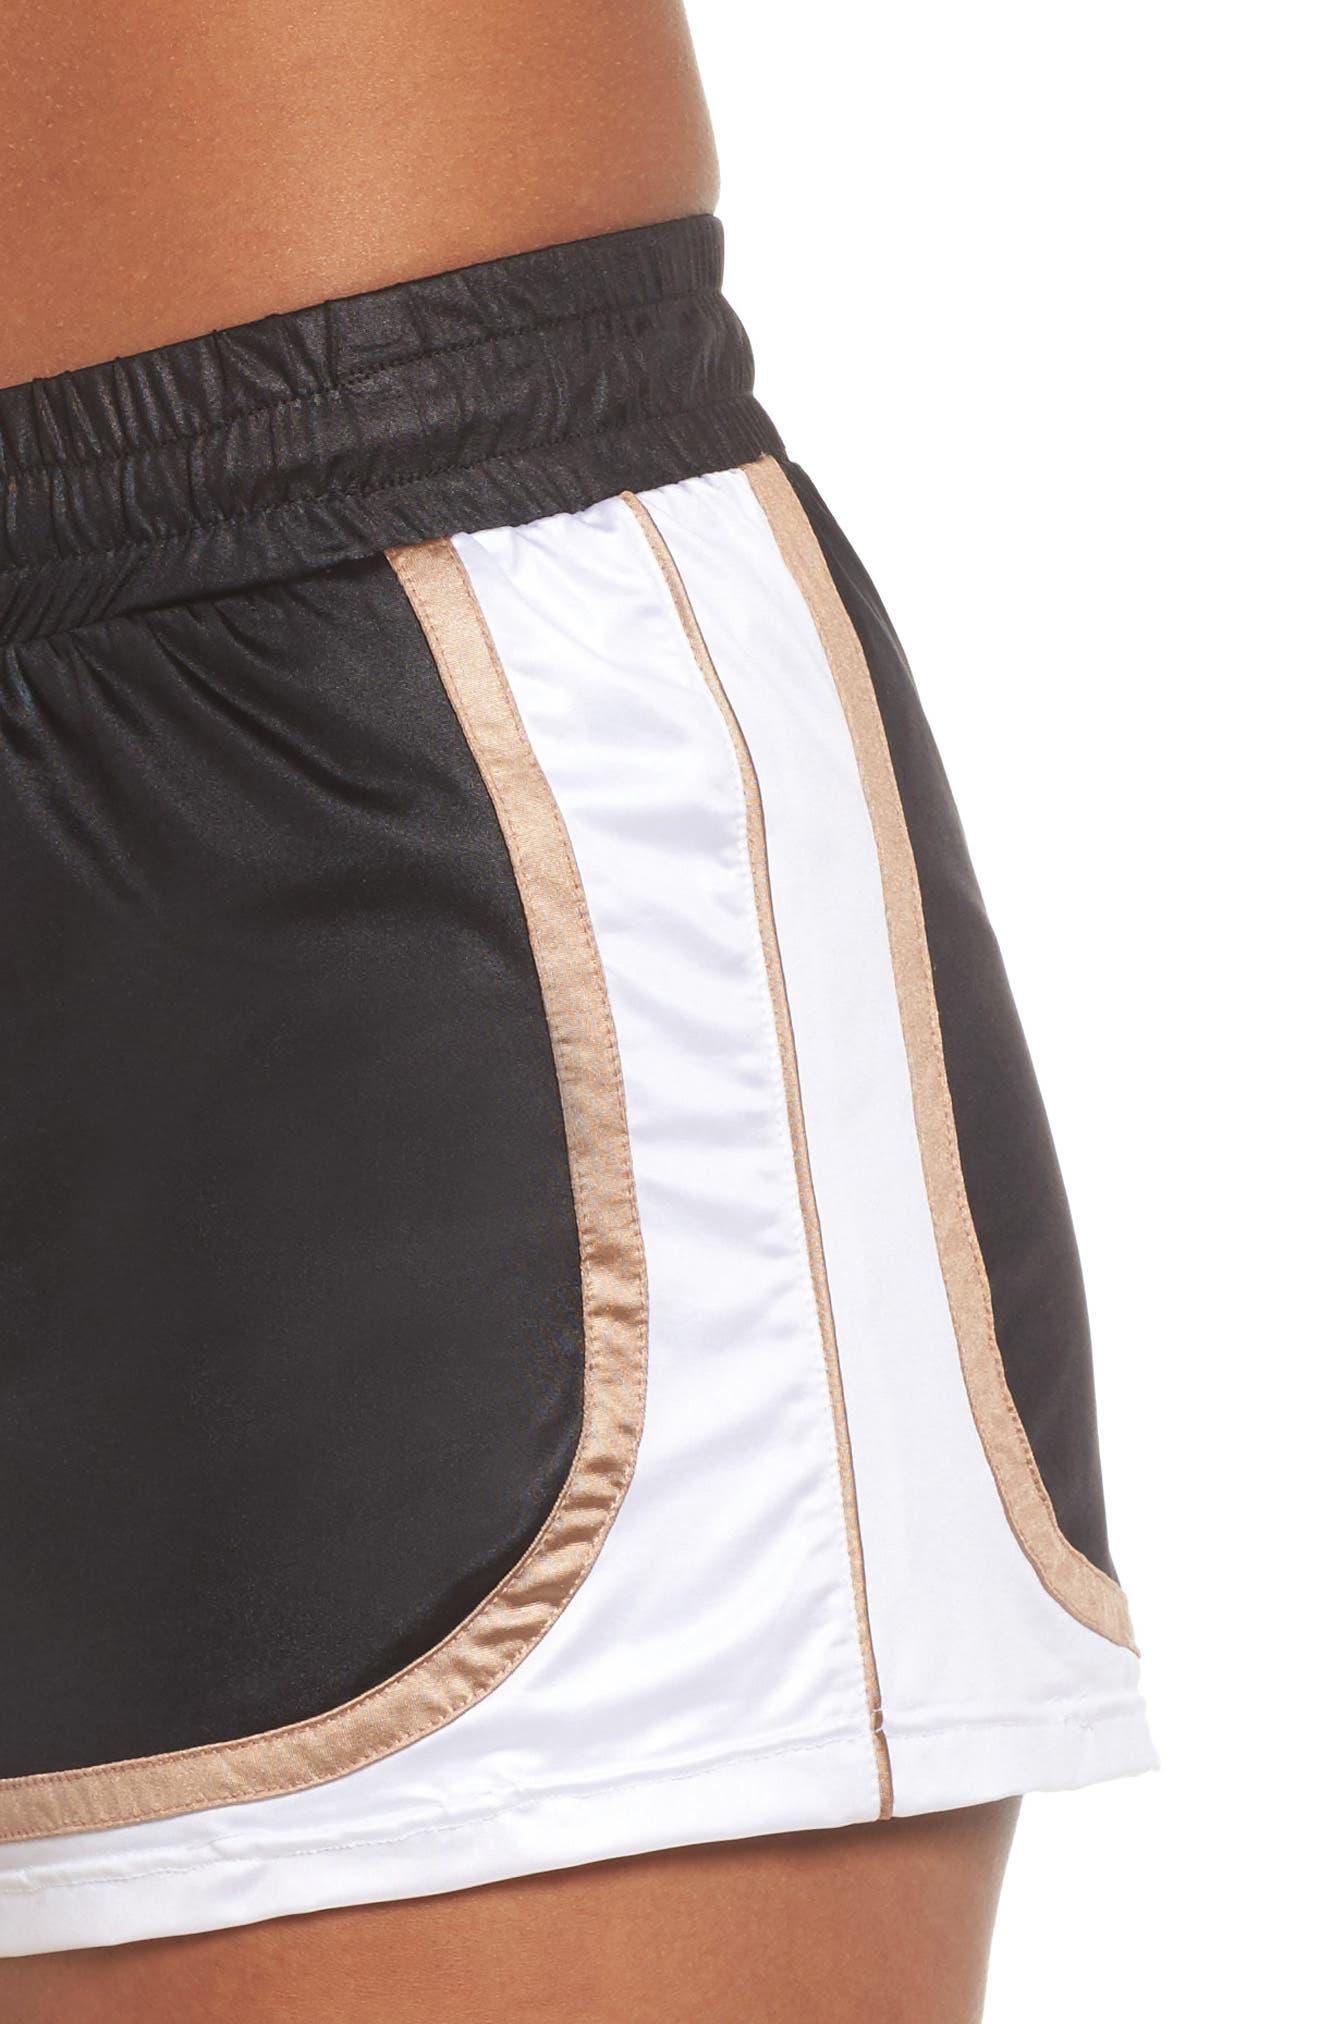 Blackout Shorts,                             Alternate thumbnail 4, color,                             Black/ Nude/ White